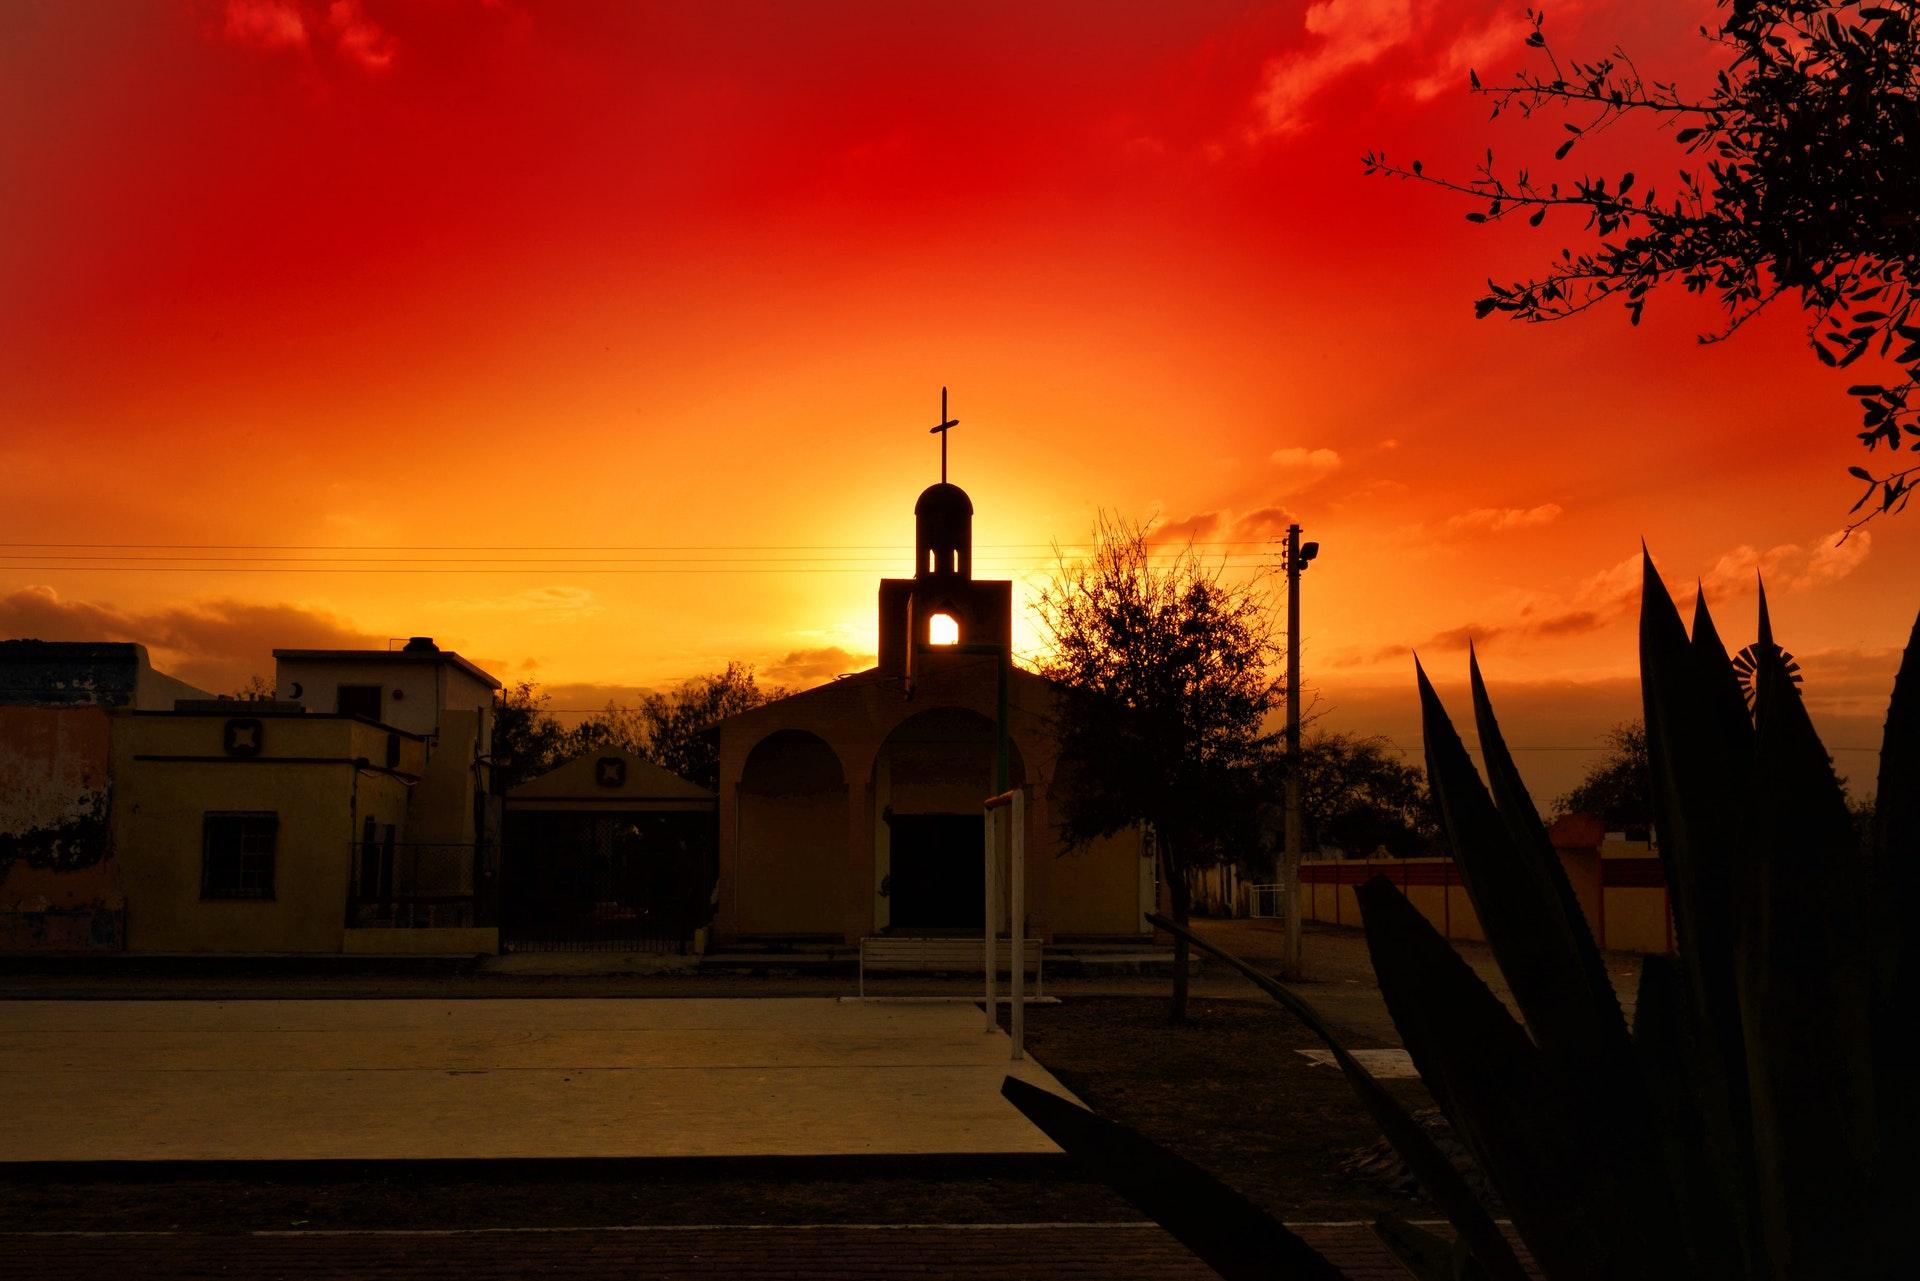 Meksyk - zachód słońca